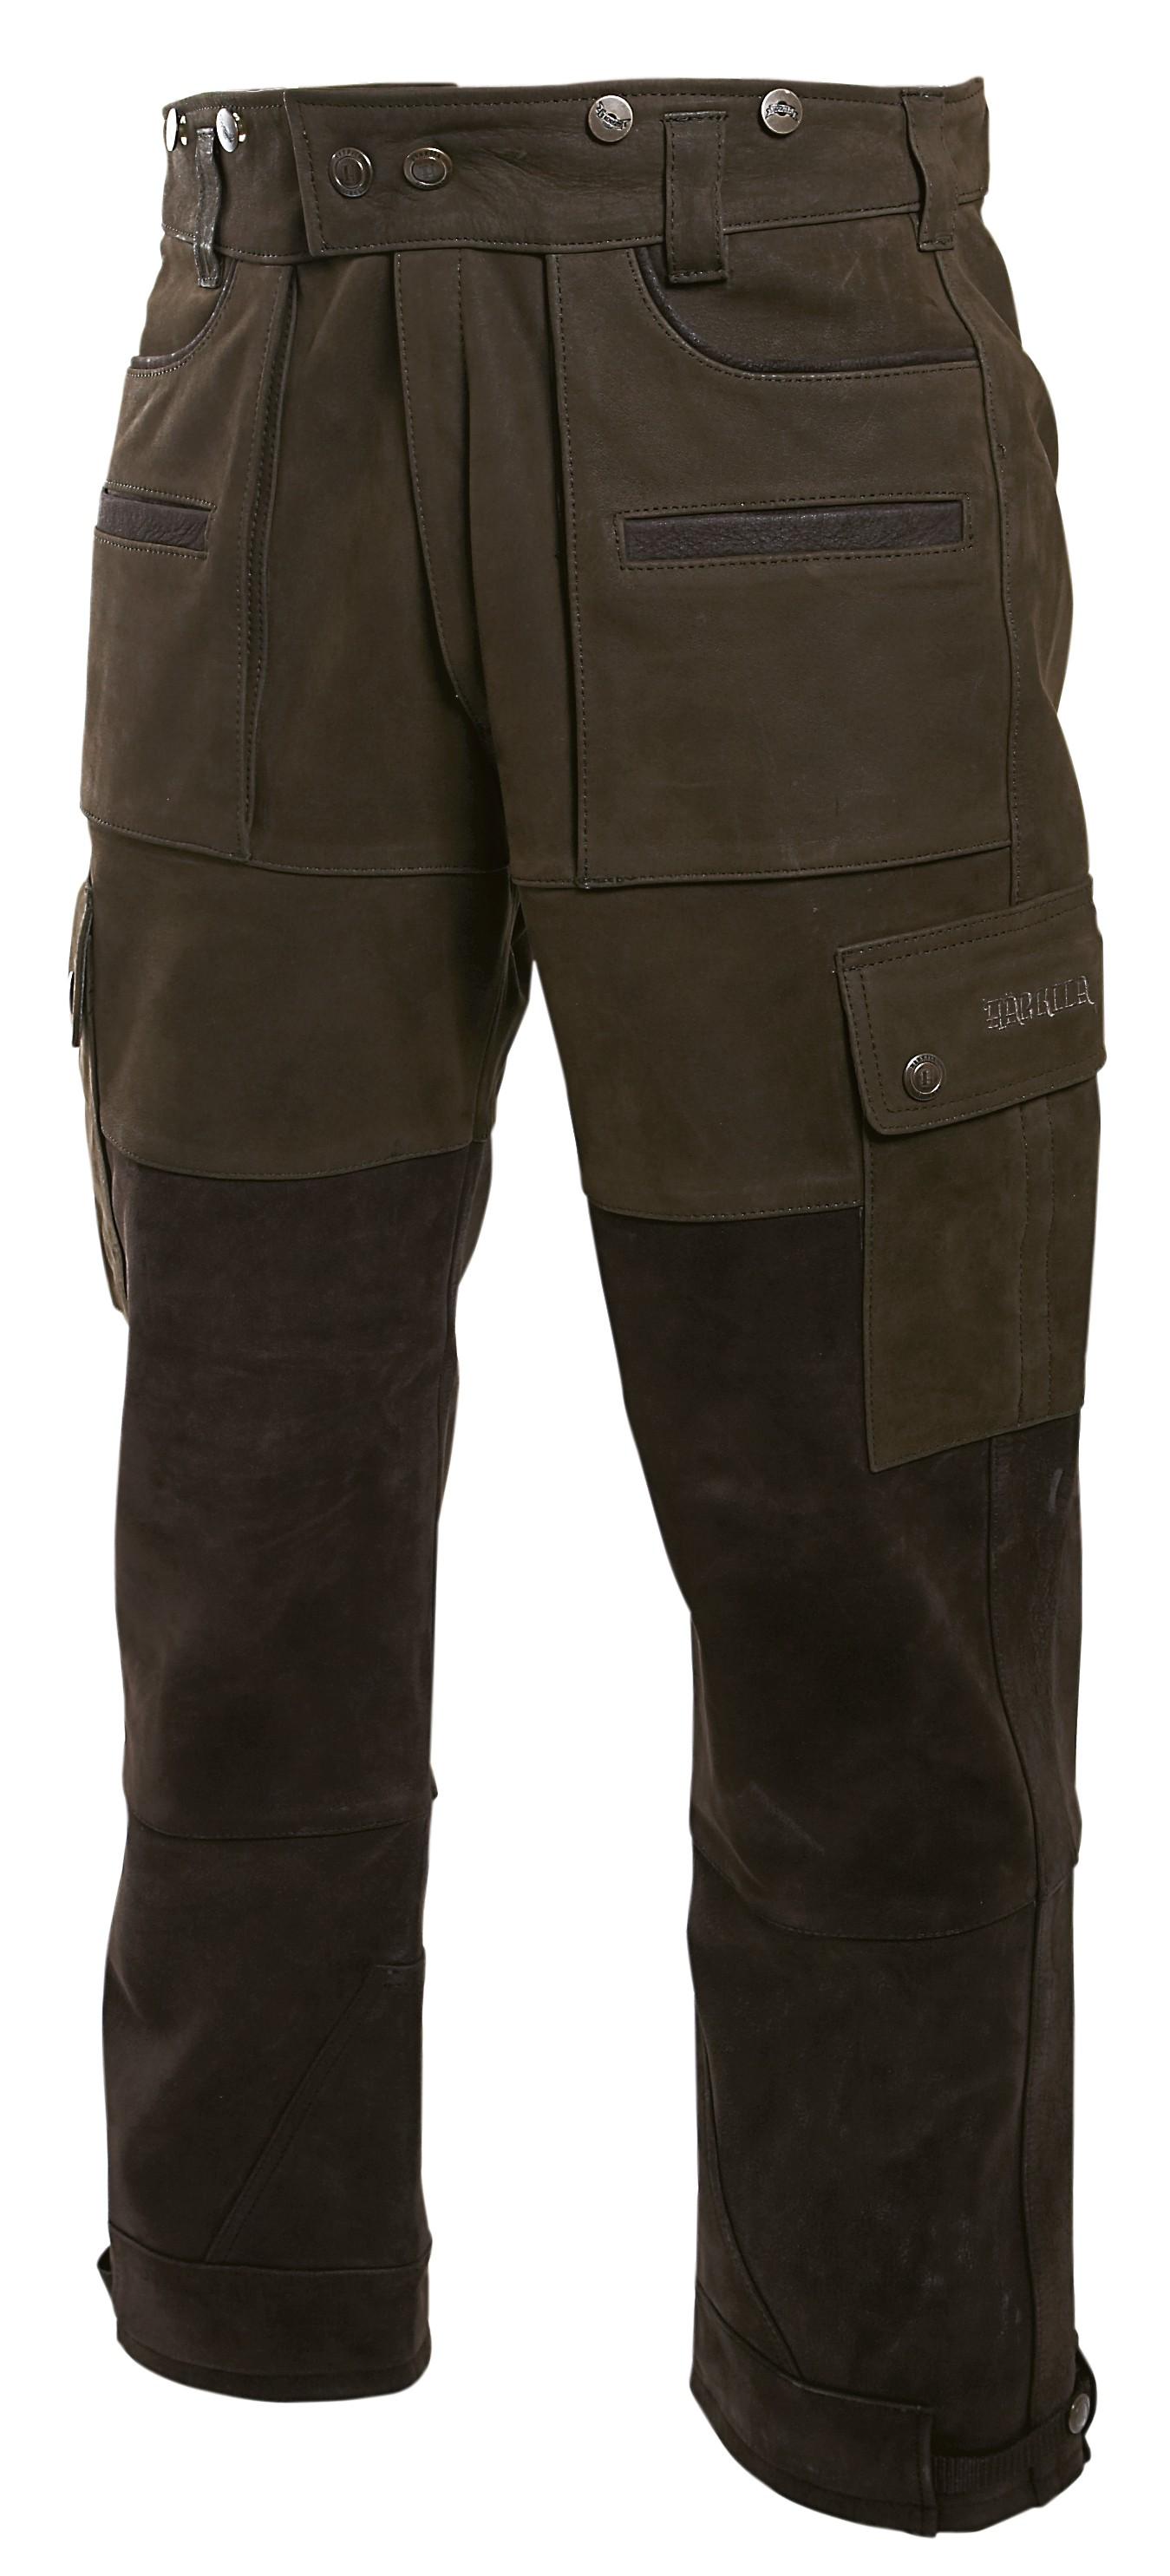 Pantalon de chasse en cuir Angus Härkila Chapuis